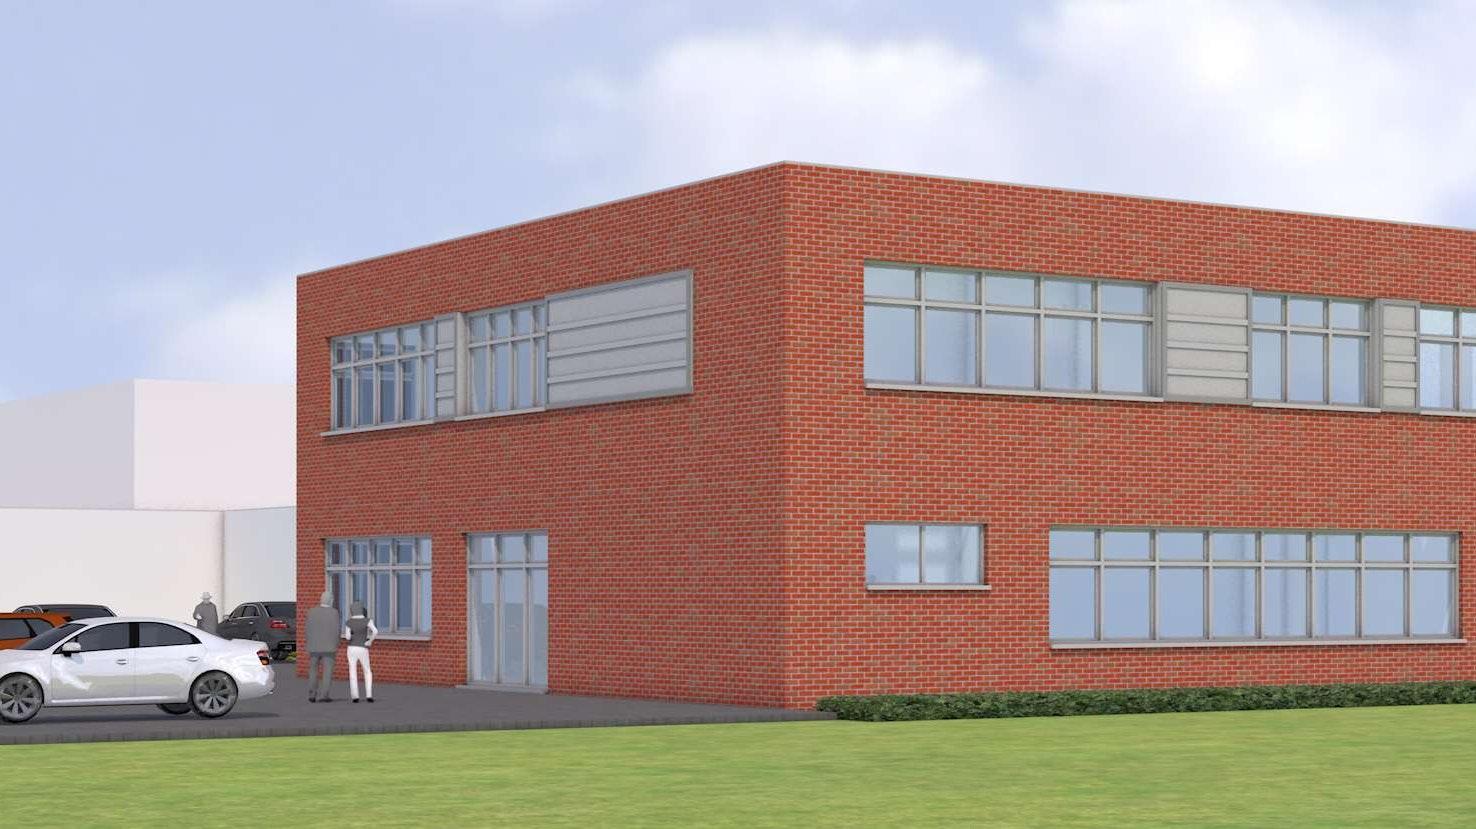 In die Höhe: Der 2006 errichtete Fachklassentrakt der Albert-Schweitzer-Realschule in Lohne soll um ein Geschoss aufgestockt werden, um dem gesteigerten Raumbedarf Rechnung zu tragen. Grafik: Pölking & Theilen